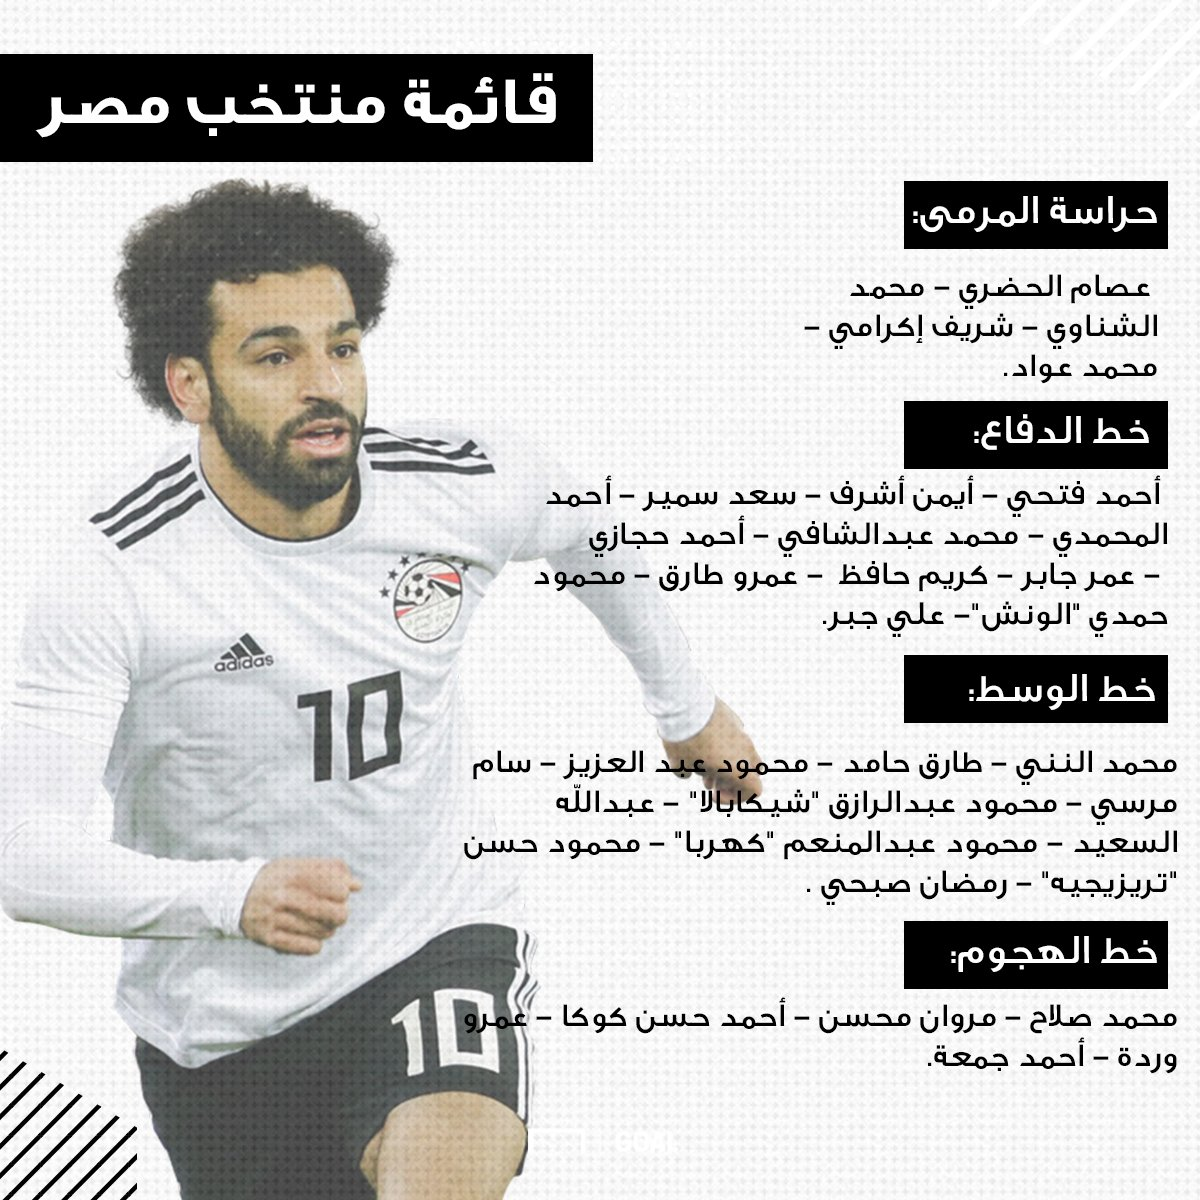 القائمة الأولية لمنتخب مصر